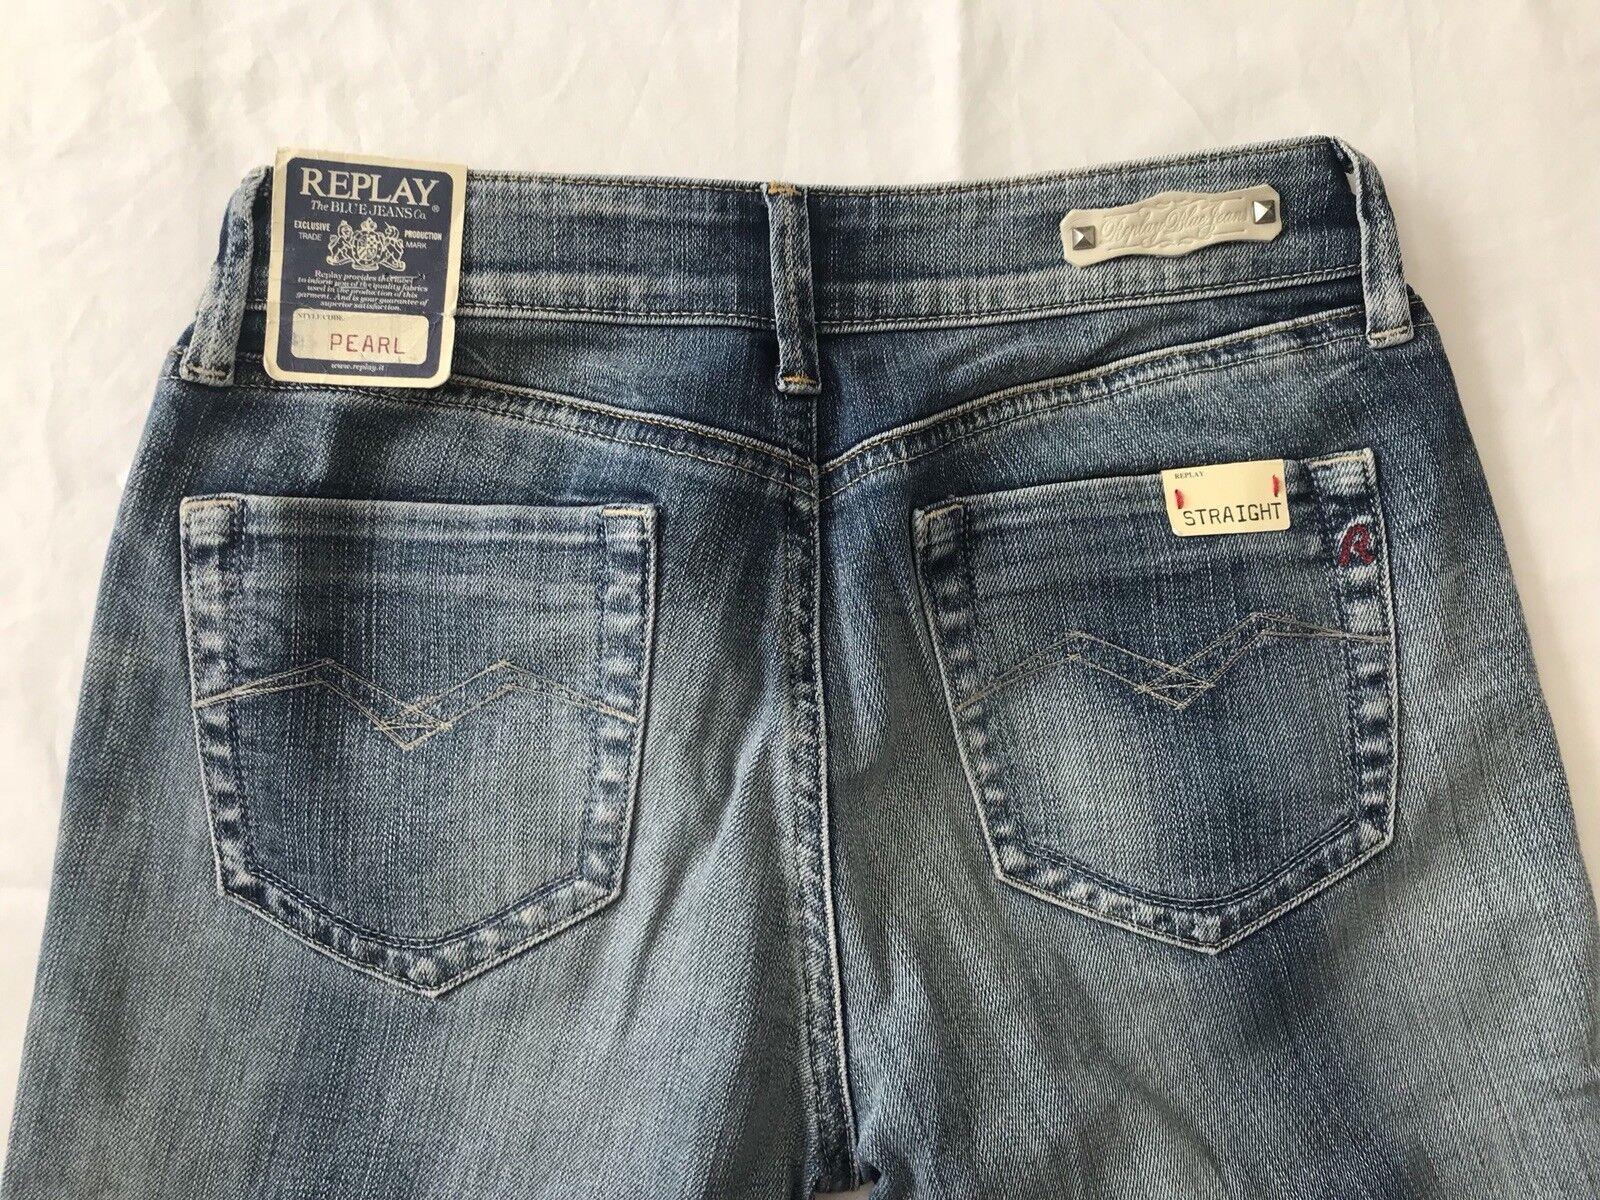 Nouveau Replay Jeans Pearl WV559, Taille 27 34, Prix De Vente Conseillé 108  designer